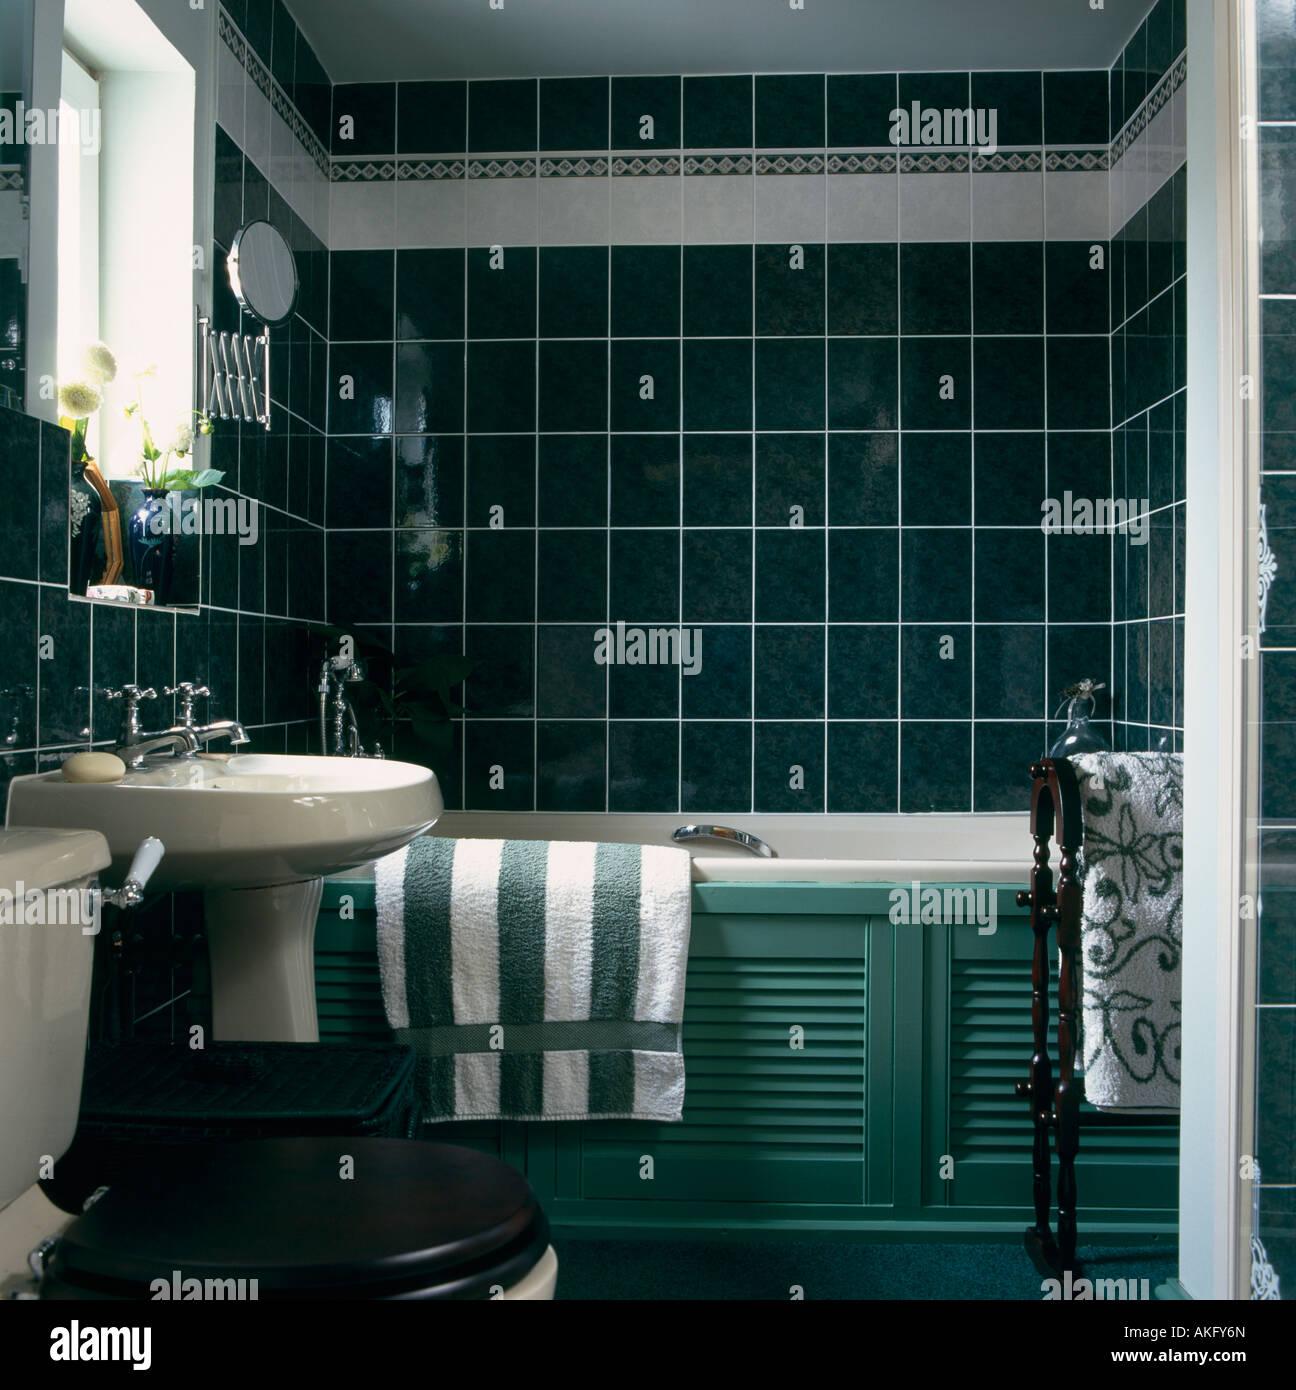 Badezimmer Mit Grünen Fliesen | Badezimmer Fliesen 20 X 50 Metro ...